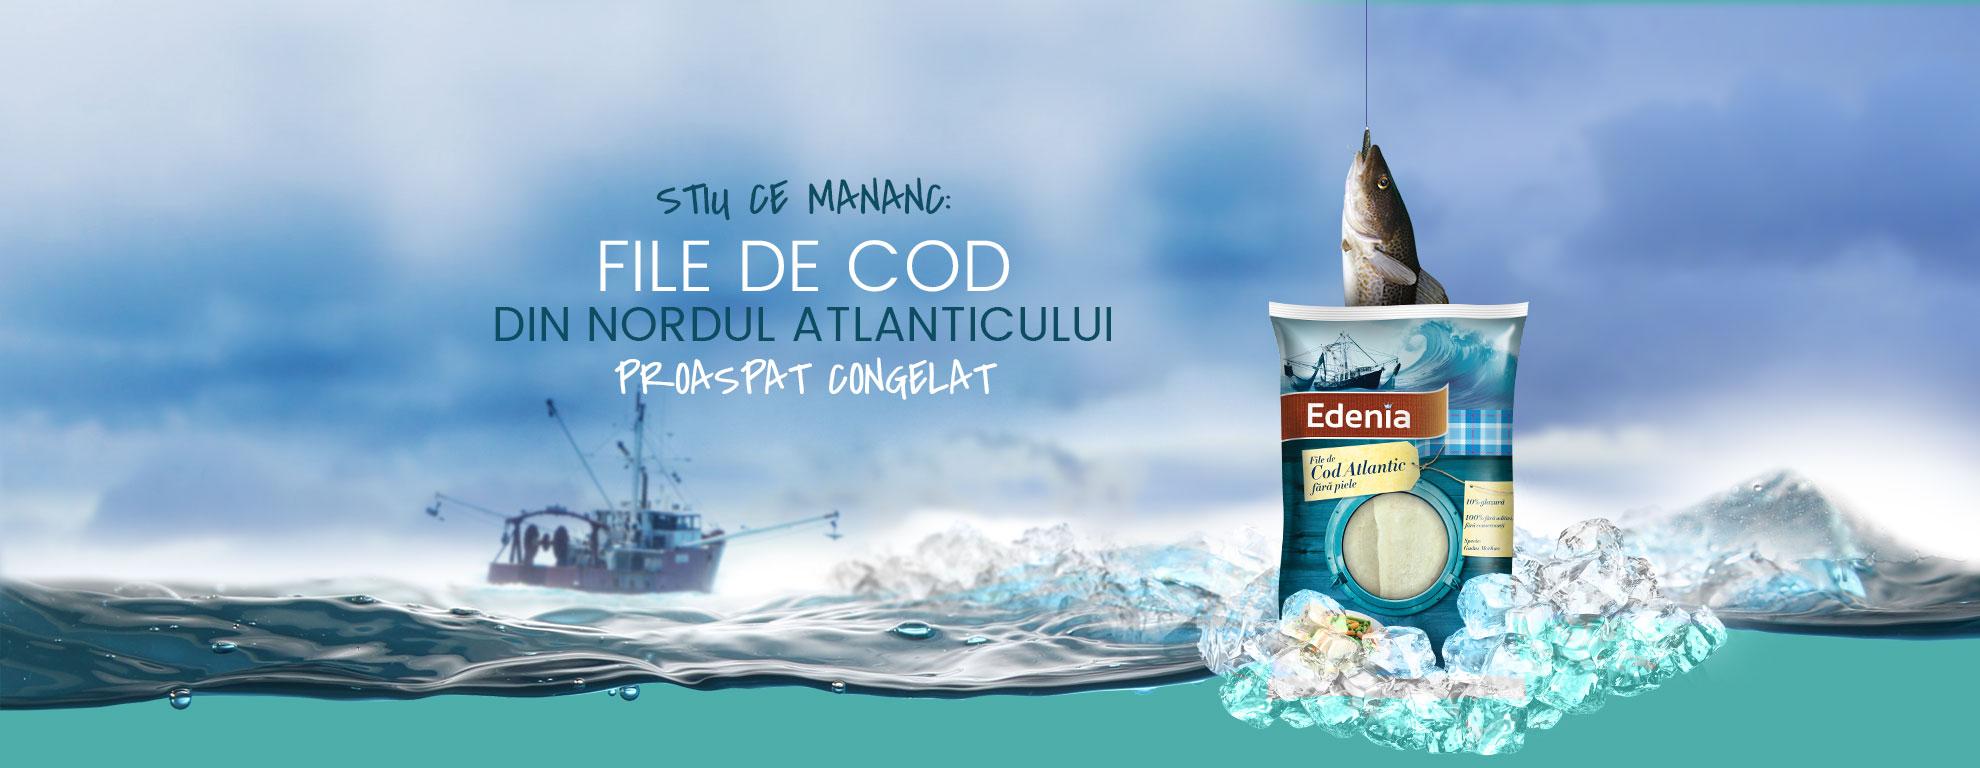 slider_cod